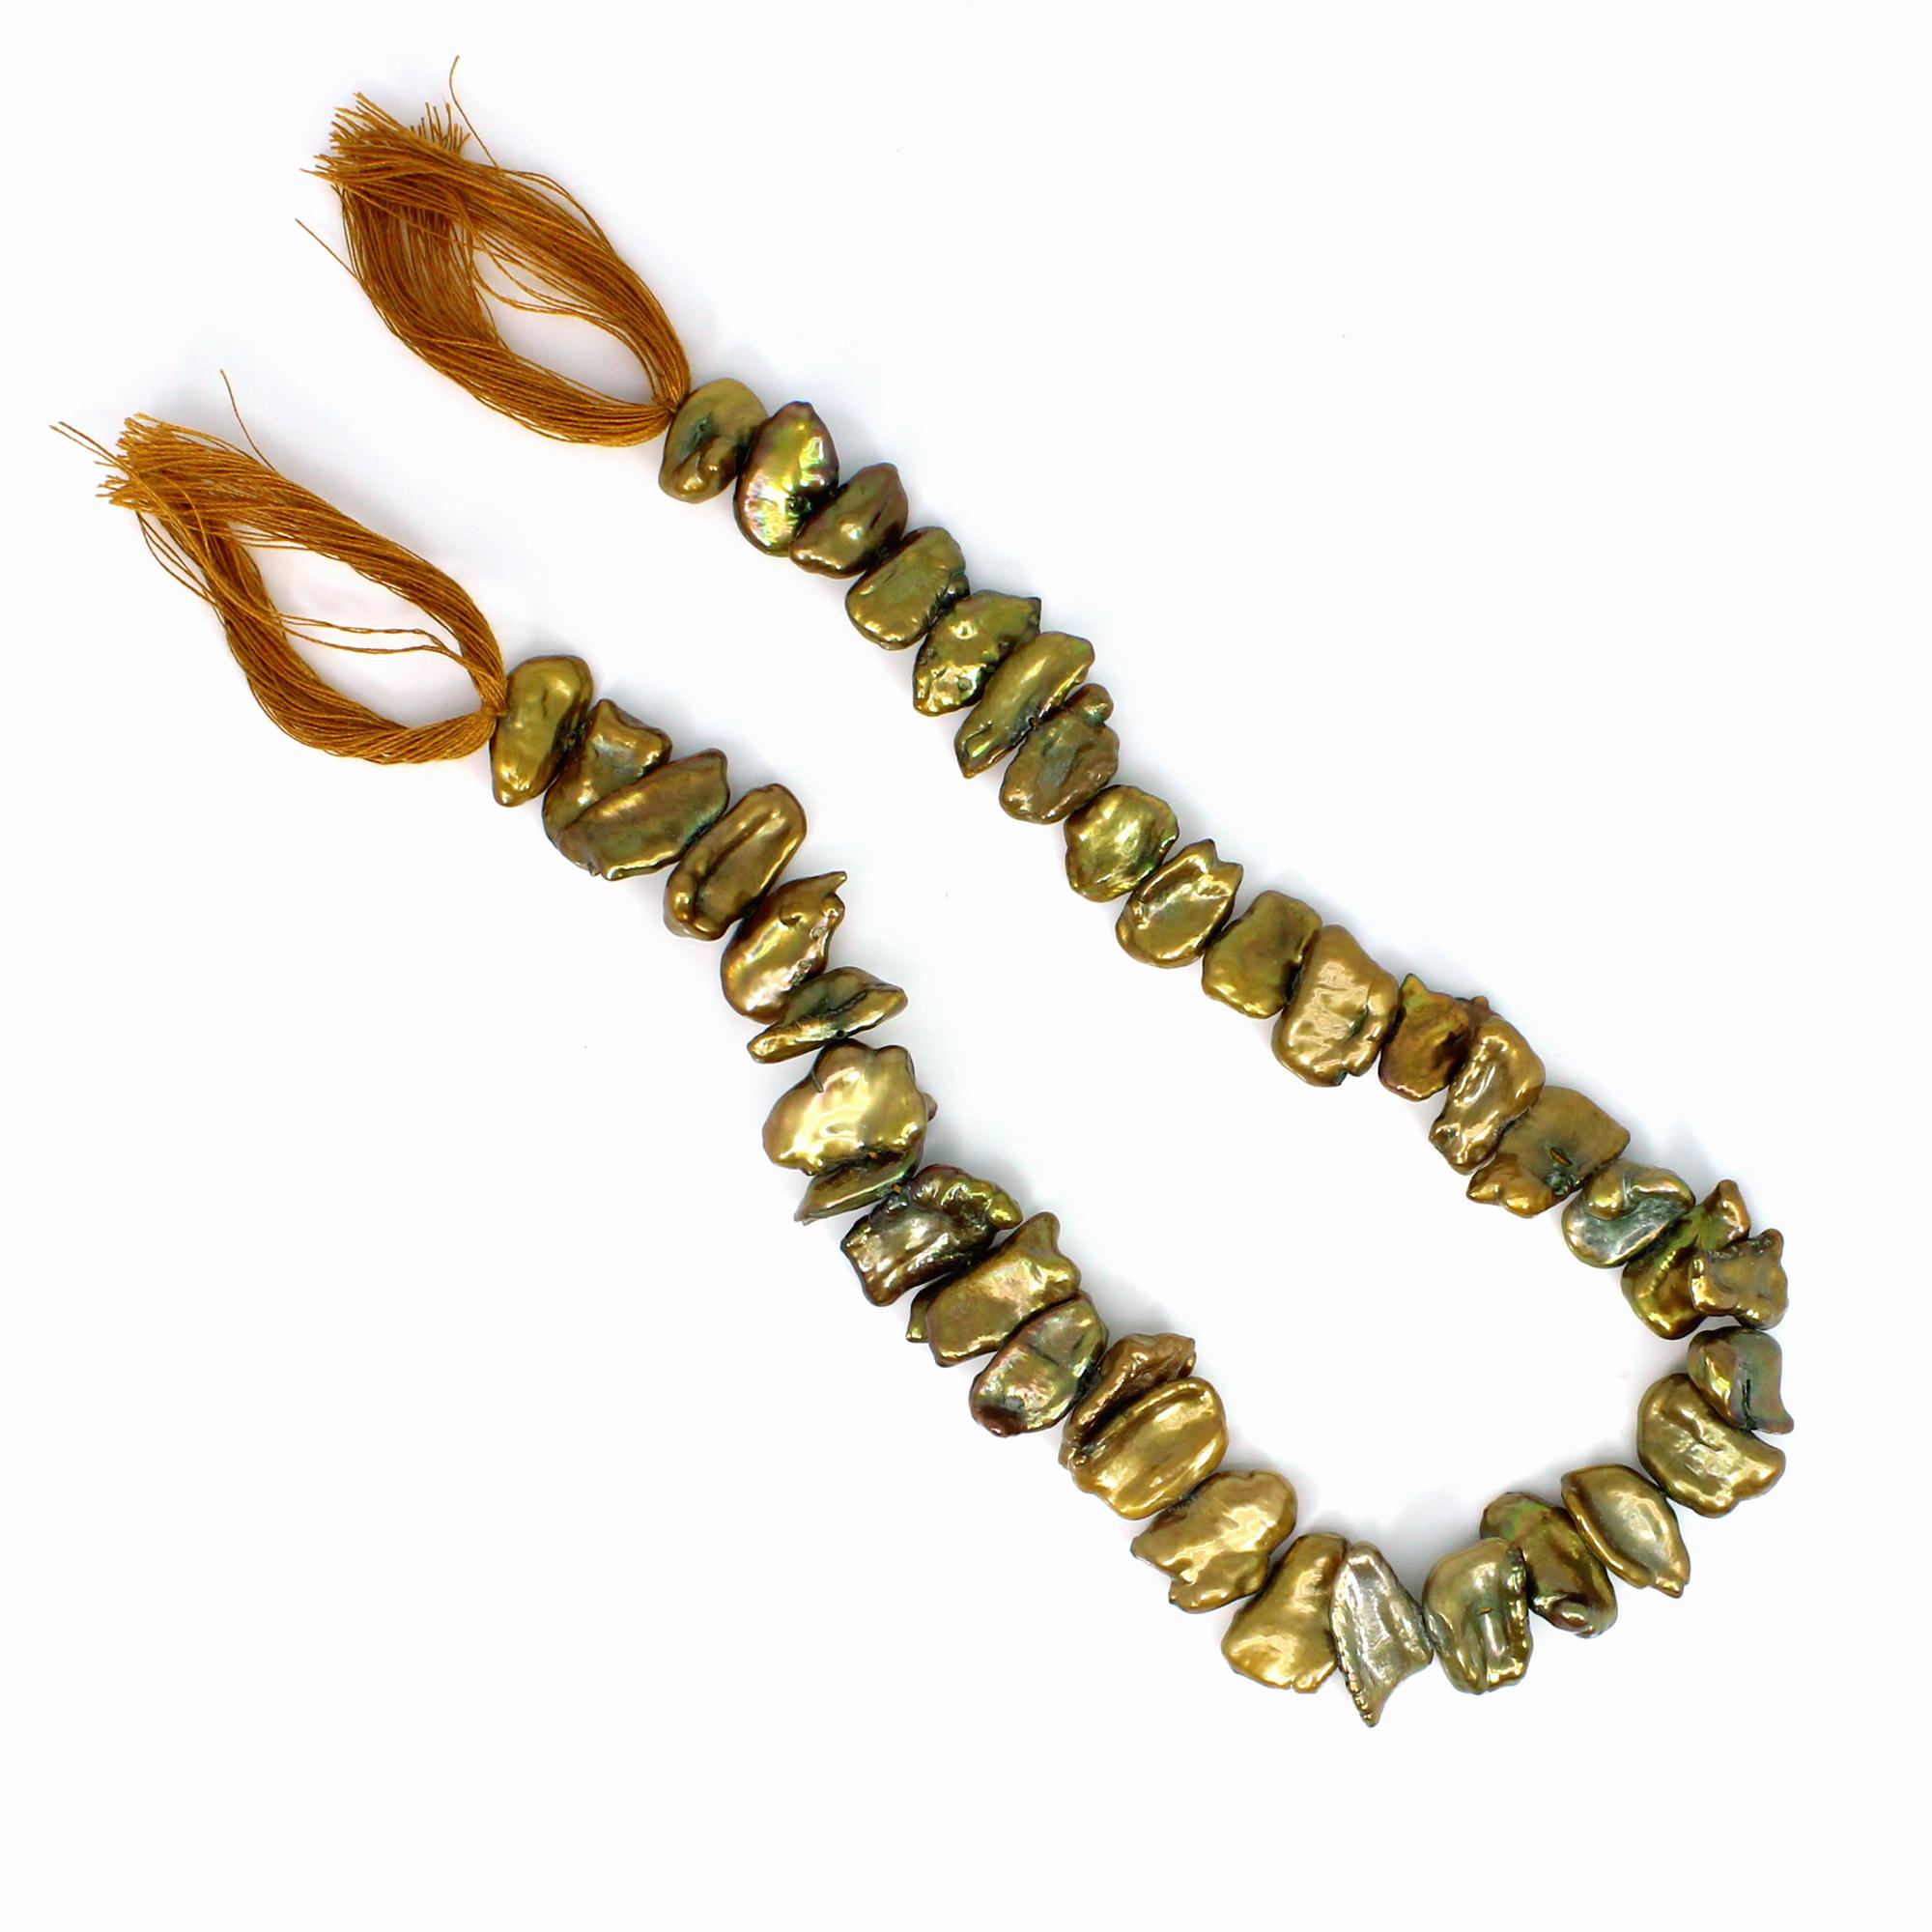 Biwa Pearl Smooth Plain Beads 12 Inch Length 32.50 Gm